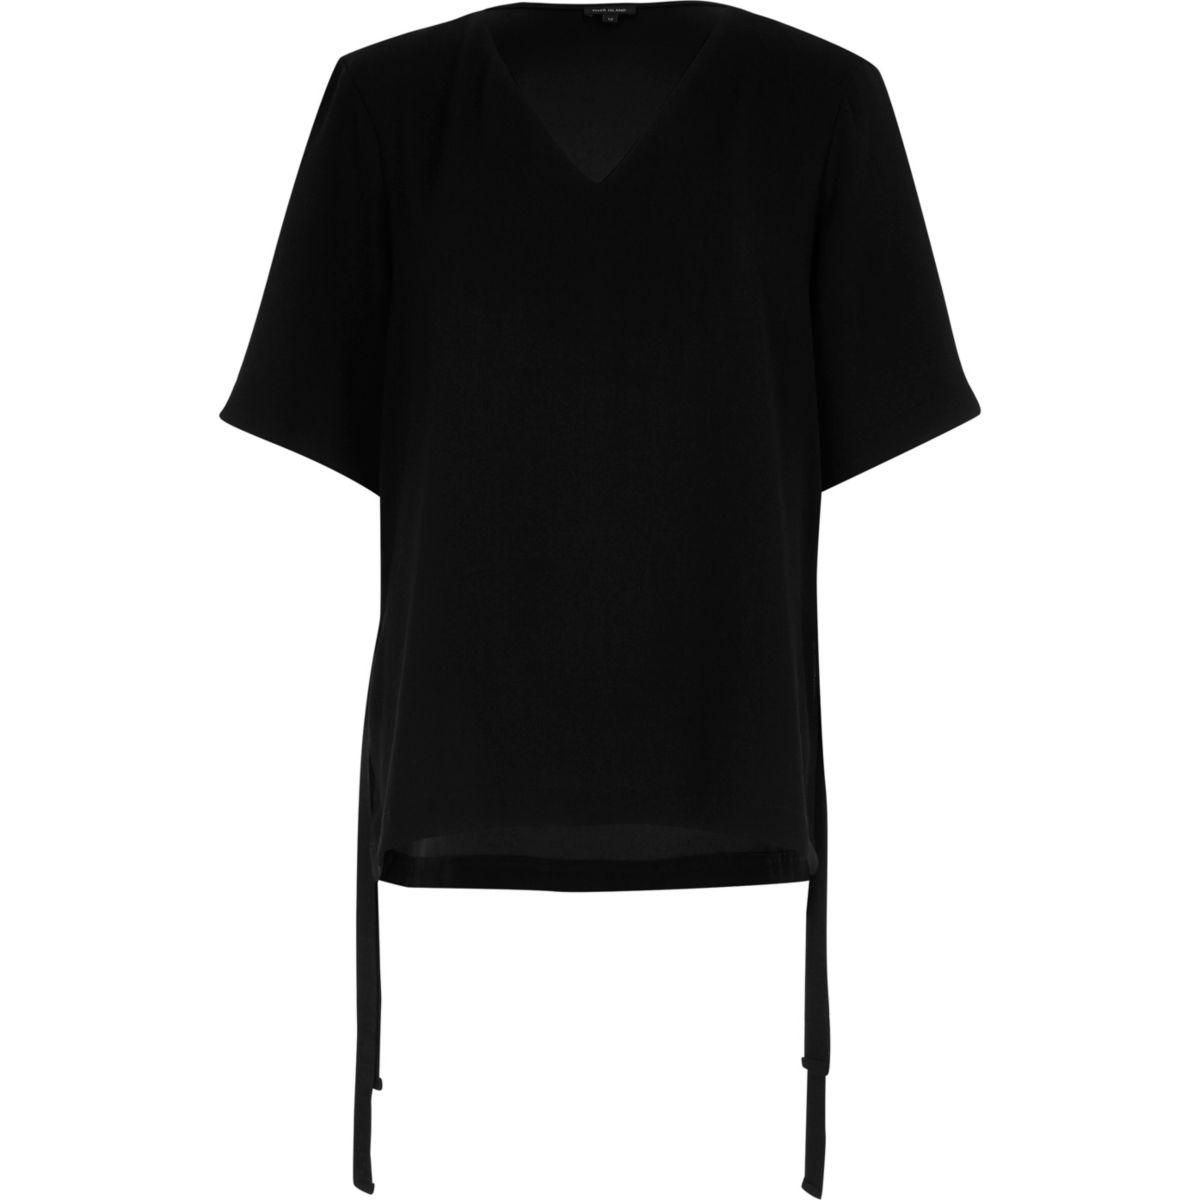 Zwart T-shirt met korte mouwen en zijbandje